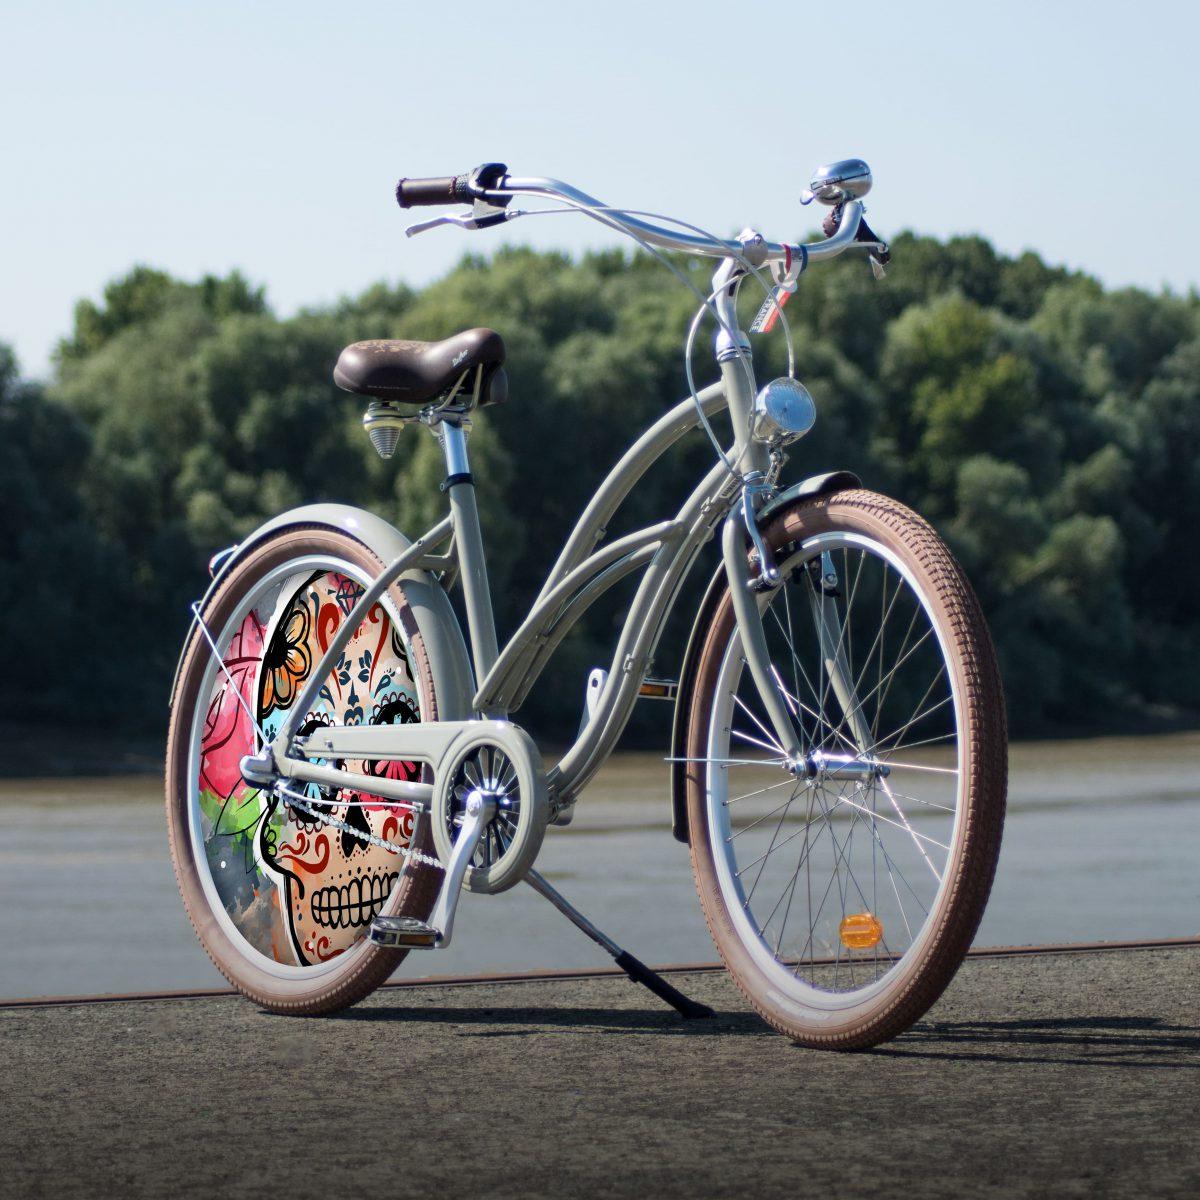 Vélo de la collection Esqueleto. Vélo de ville avec 1 roue arrière lenticulaire. Trajets facilités et look assuré